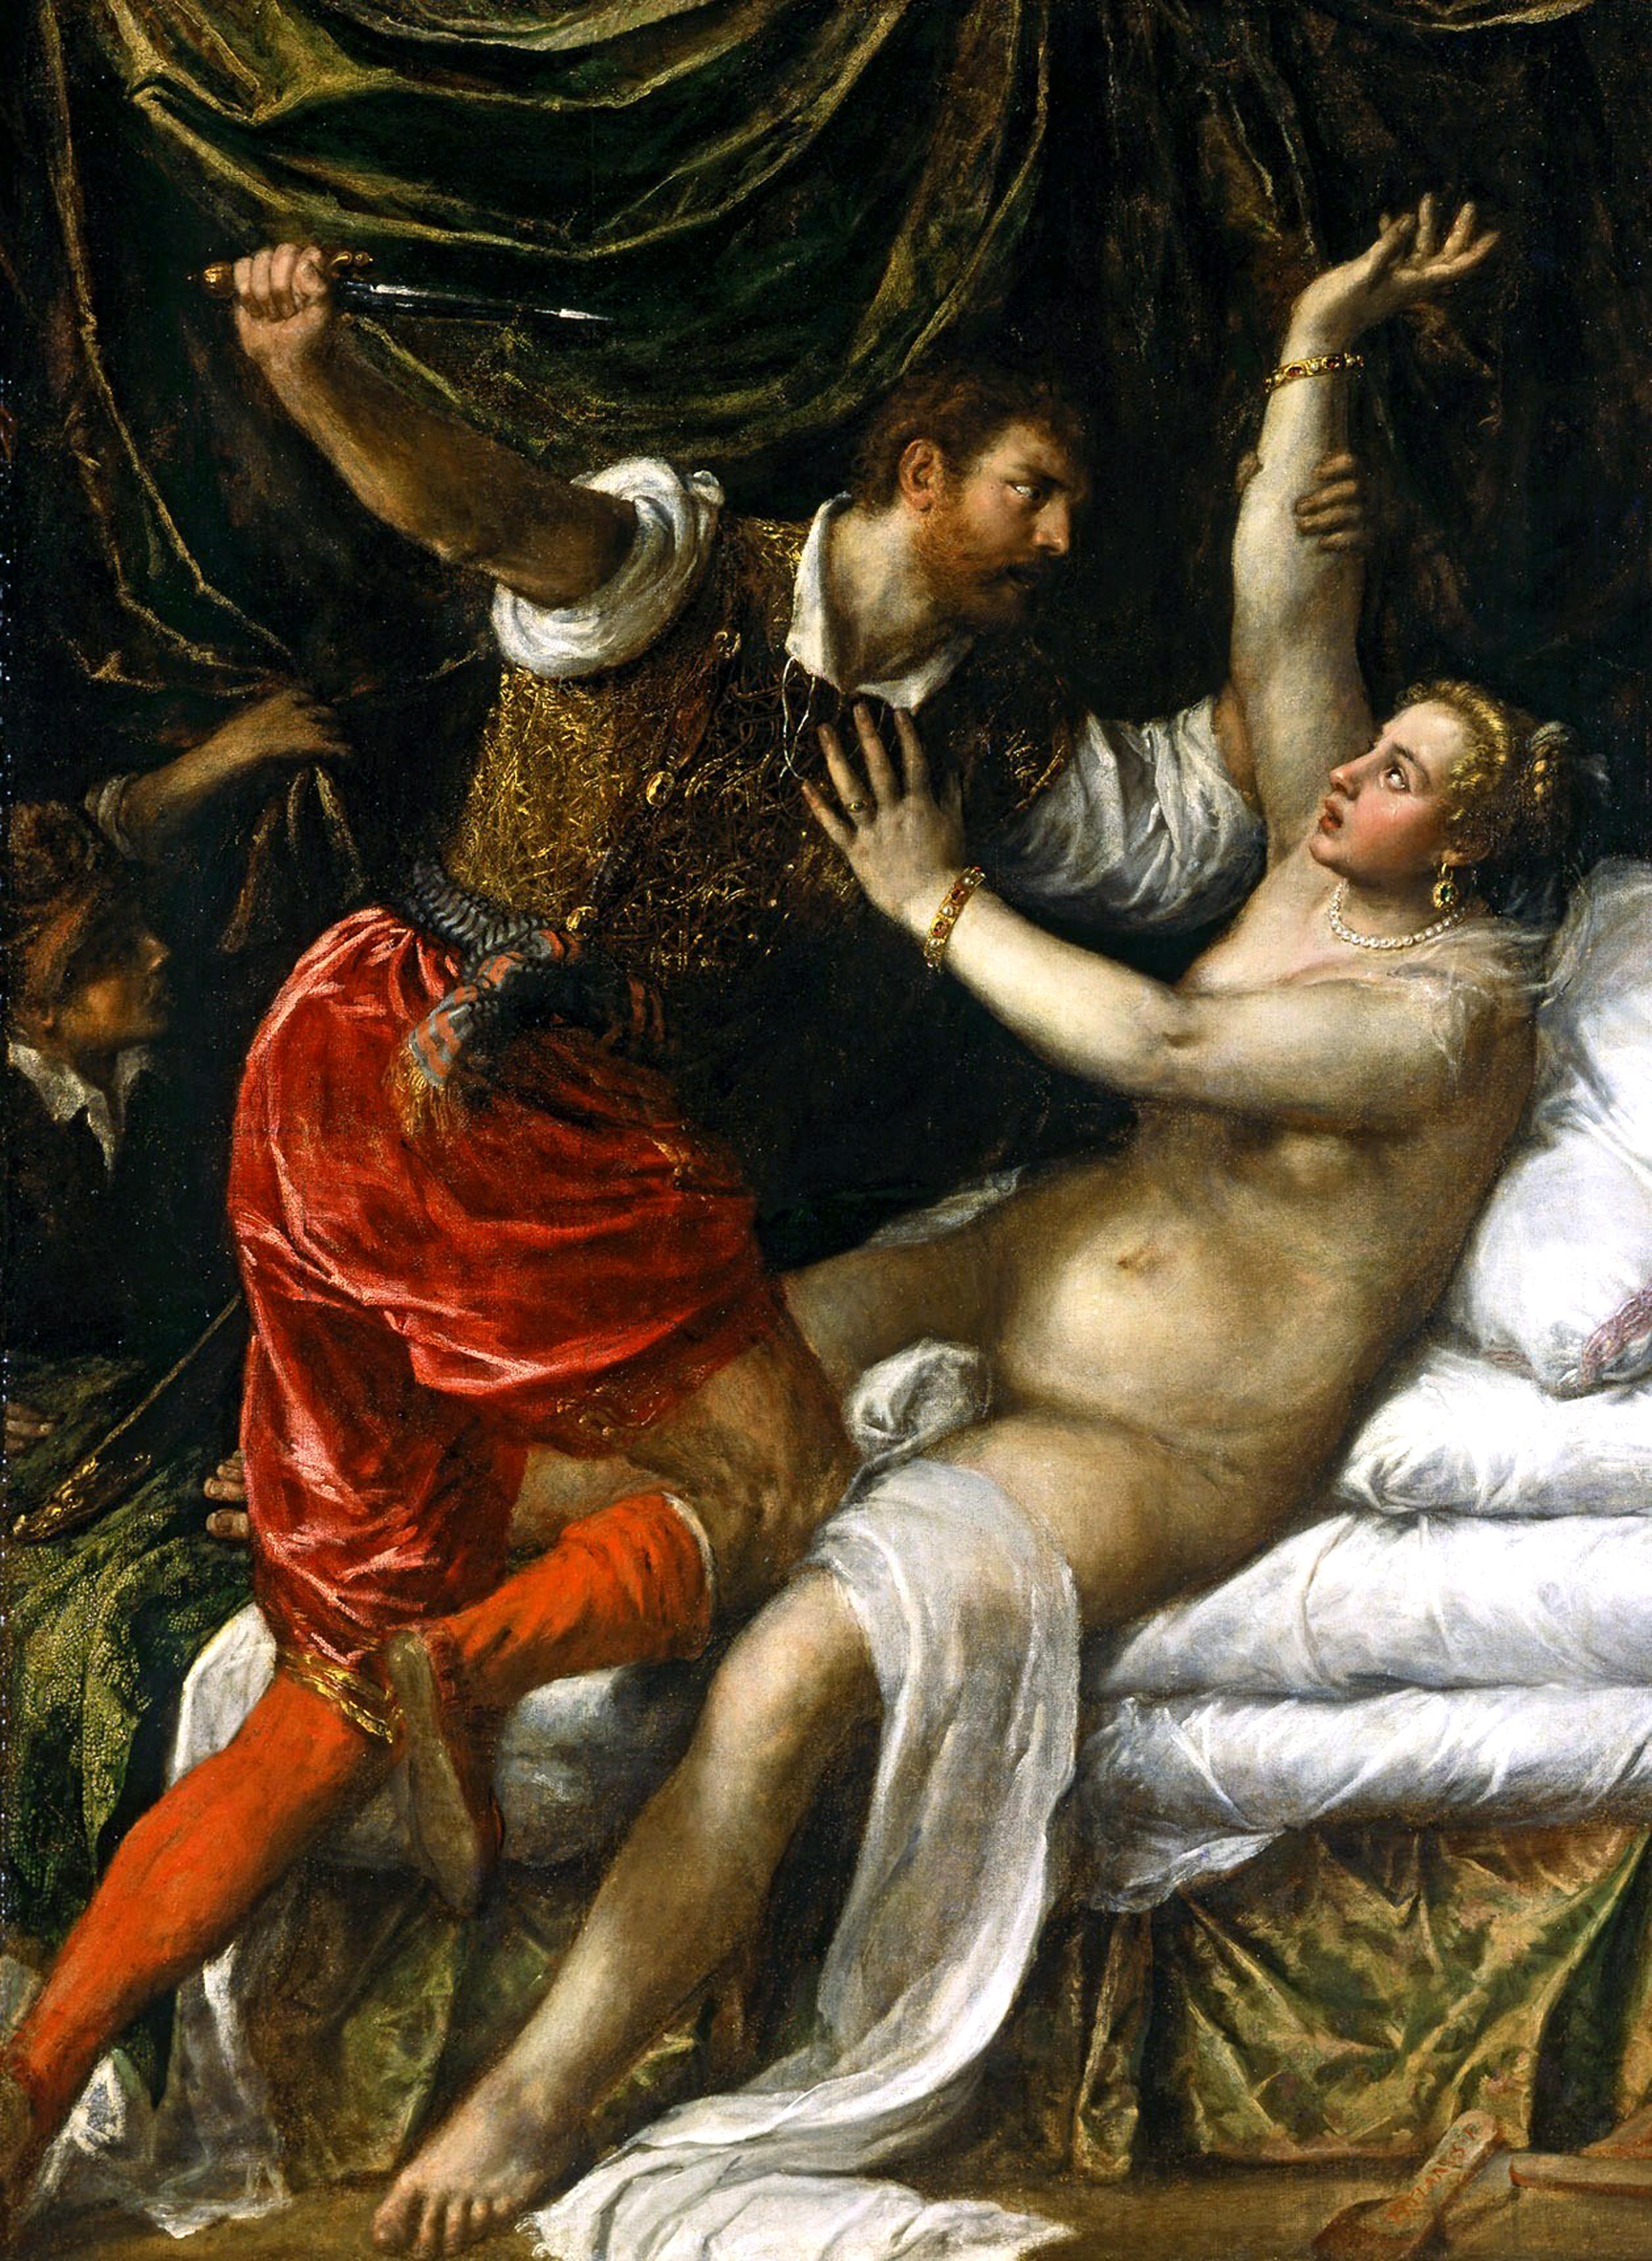 Titian, Tarquin and Lucretia. Oil on Canvas, 88.9 cm × 145.1 cm. Fitzwilliam Museum, Cambridge, UK.